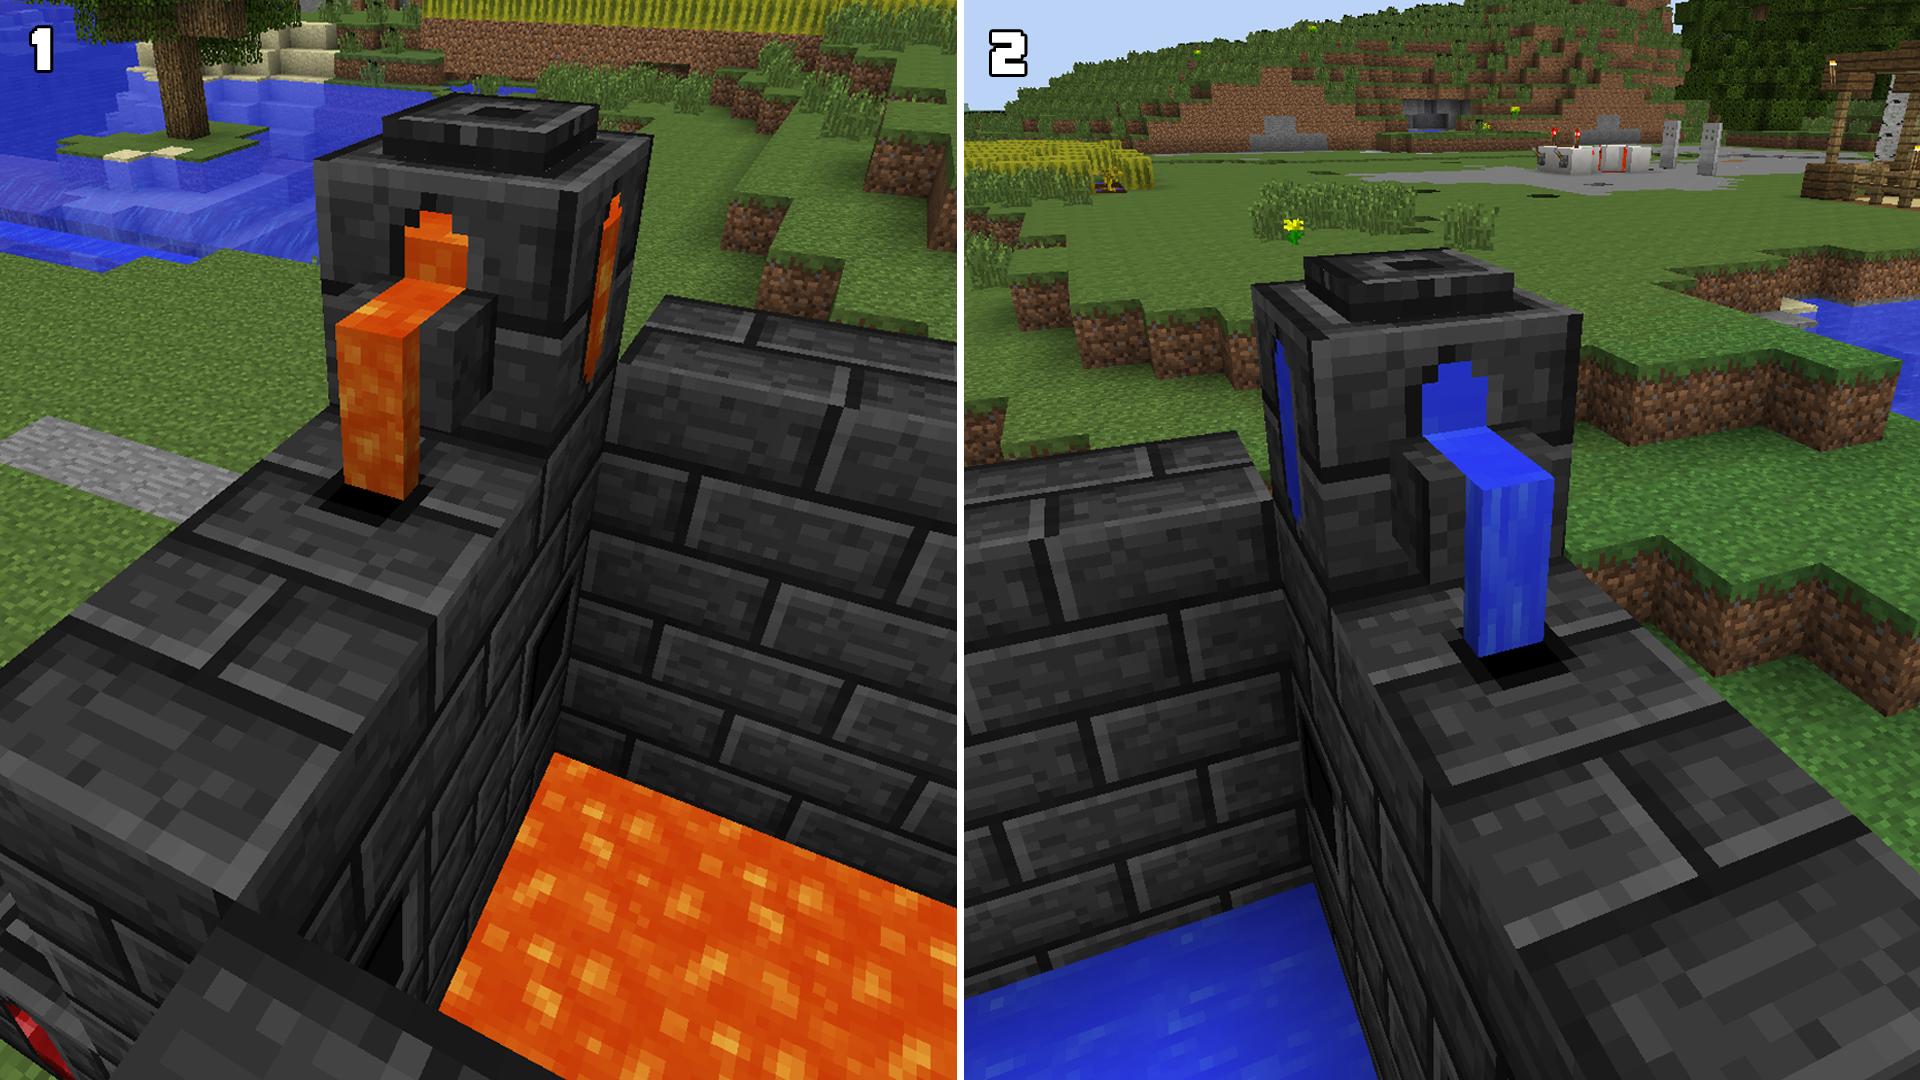 Скачать мод Tinkers Construct для Minecraft 1.6.4 ...